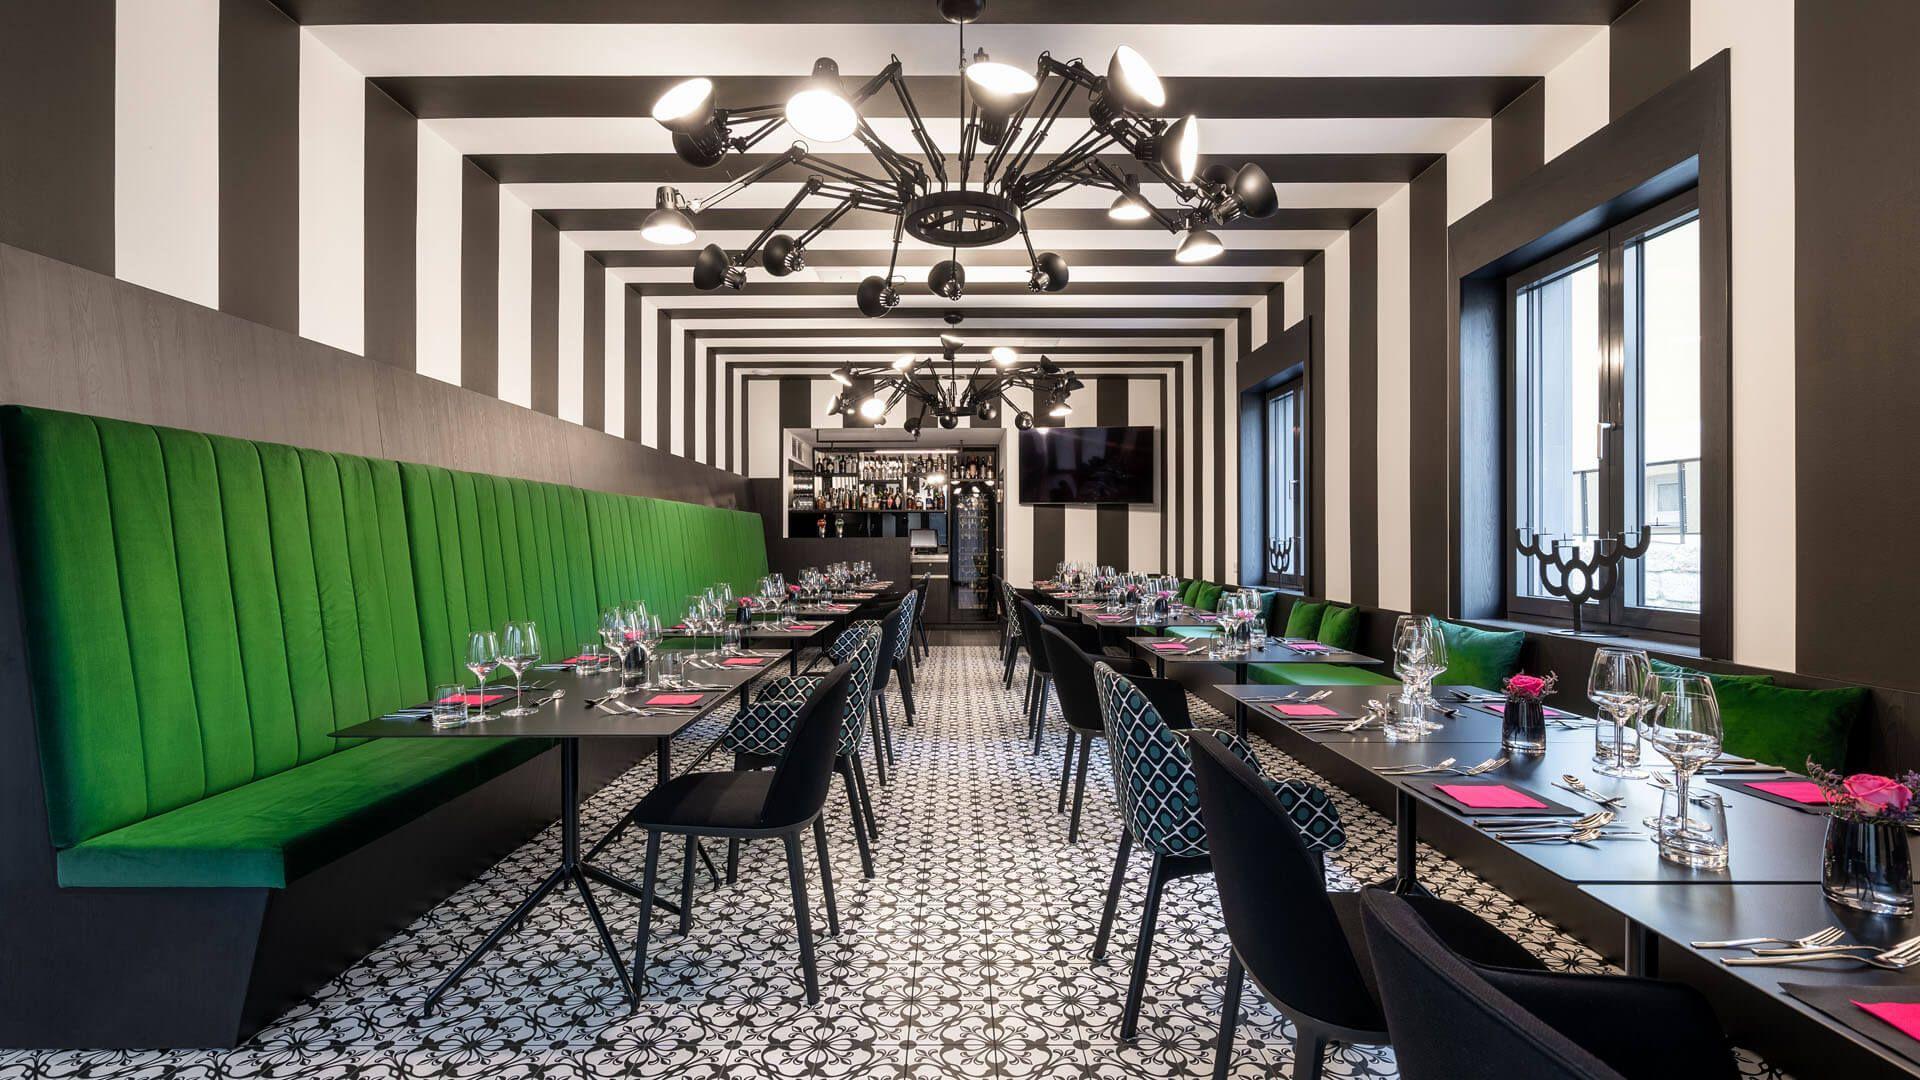 Hotel Laurichhof Restaurant